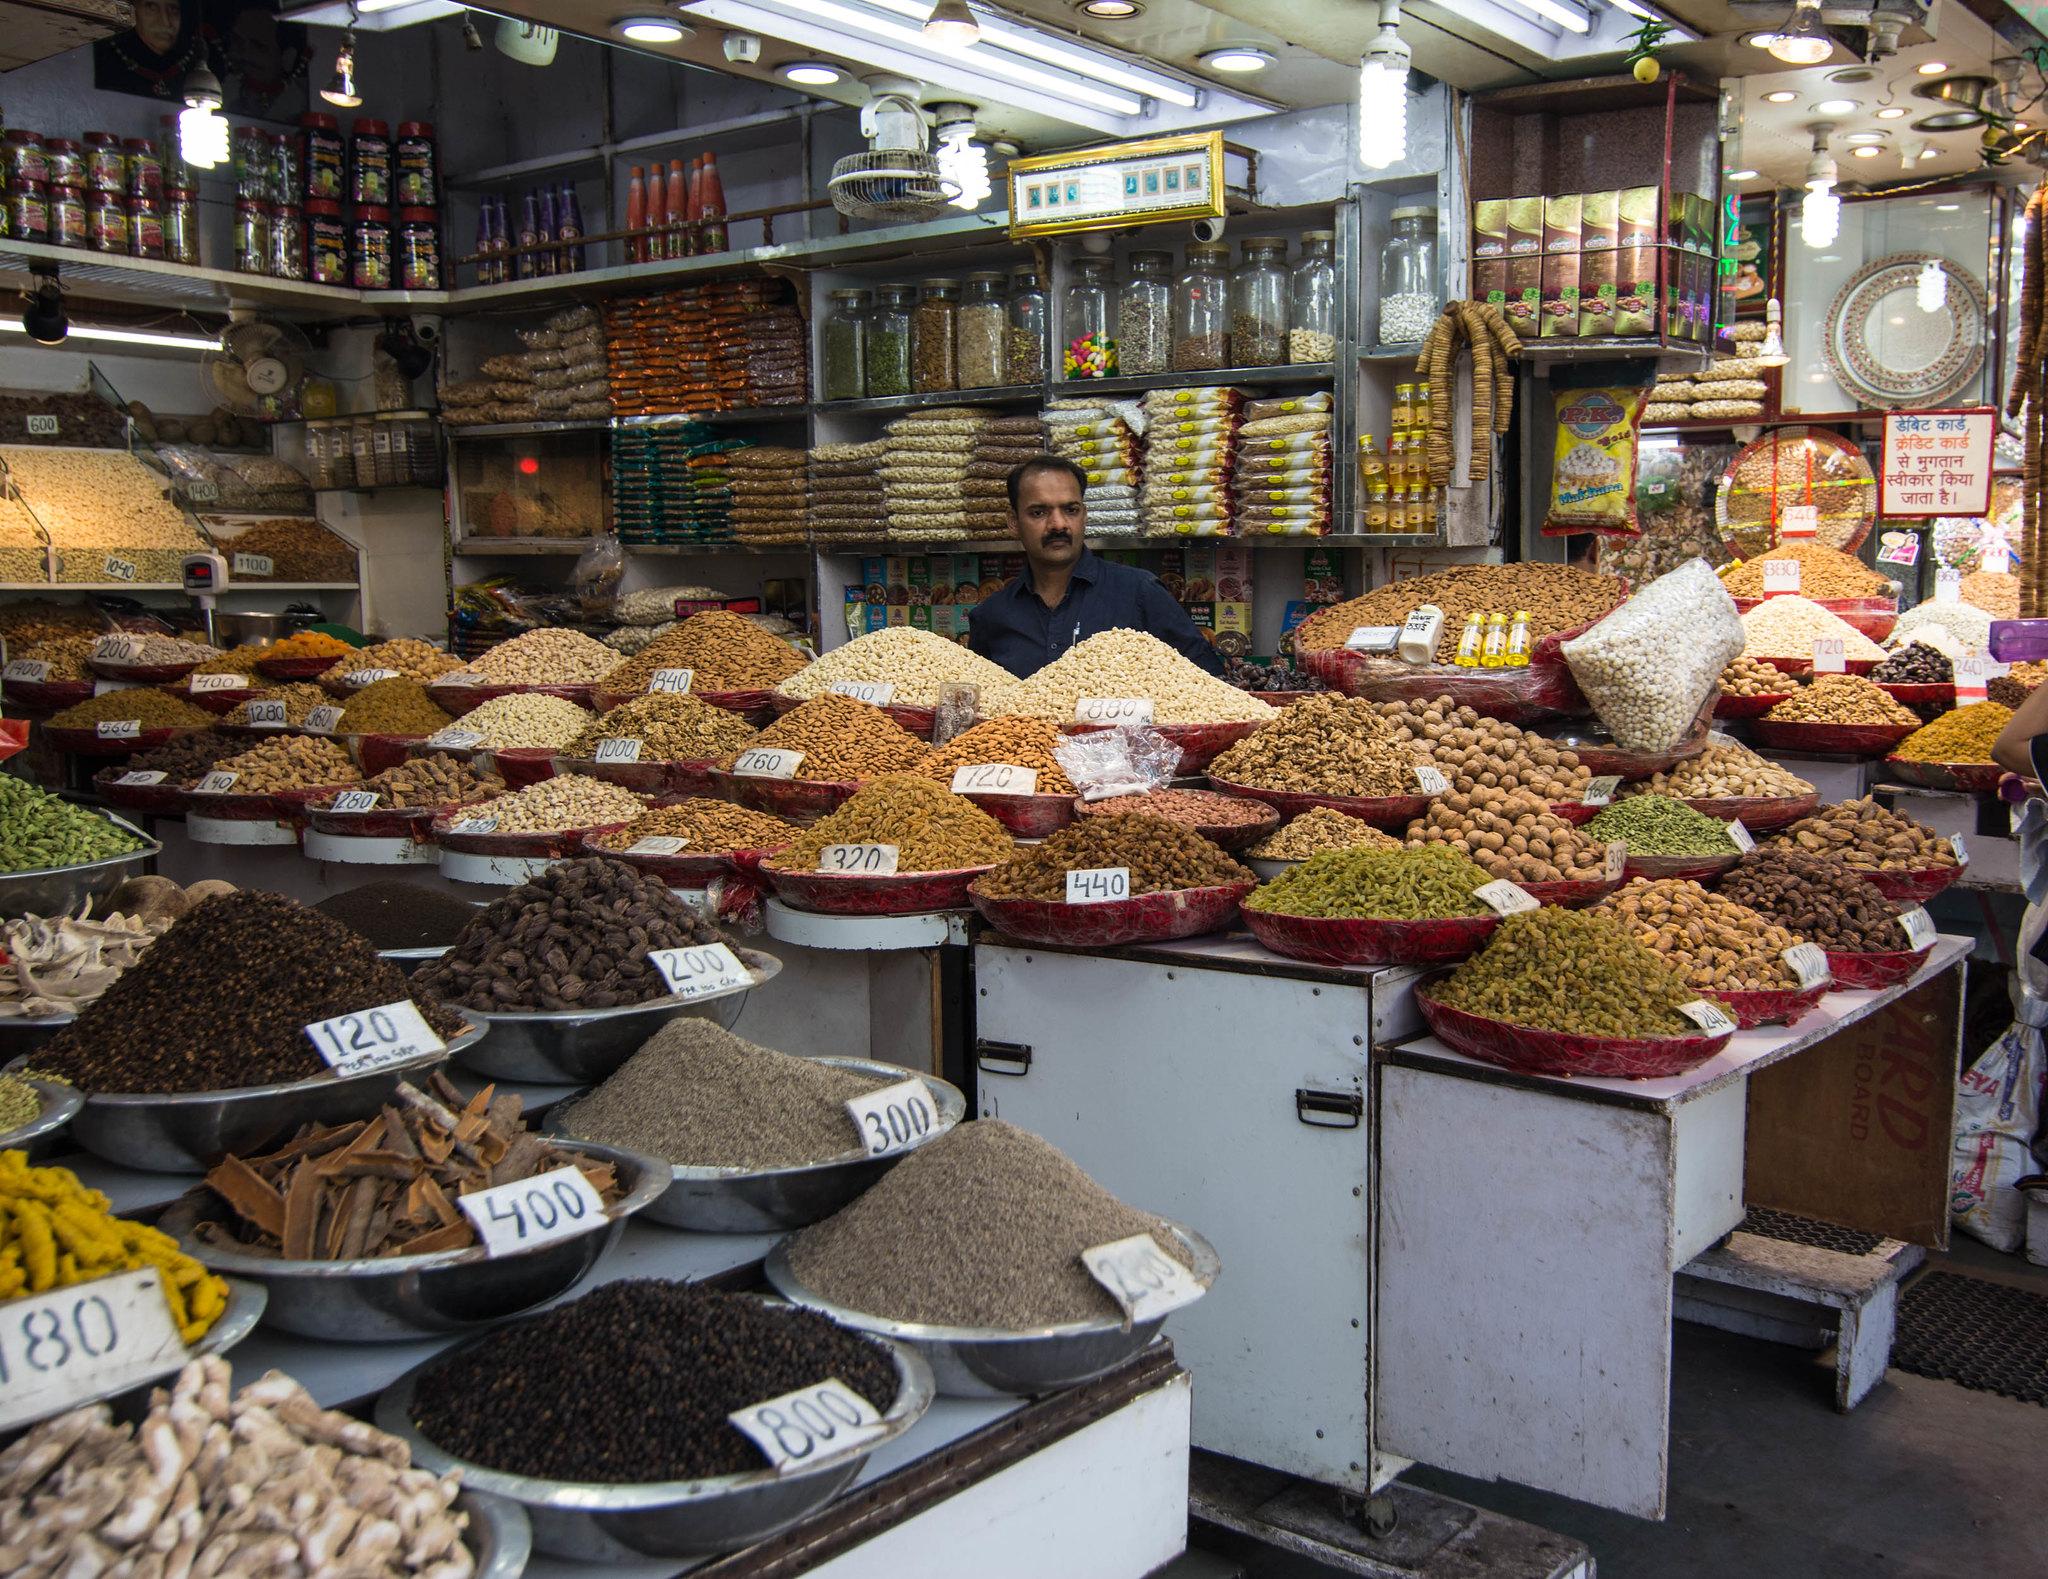 Walking in spice market